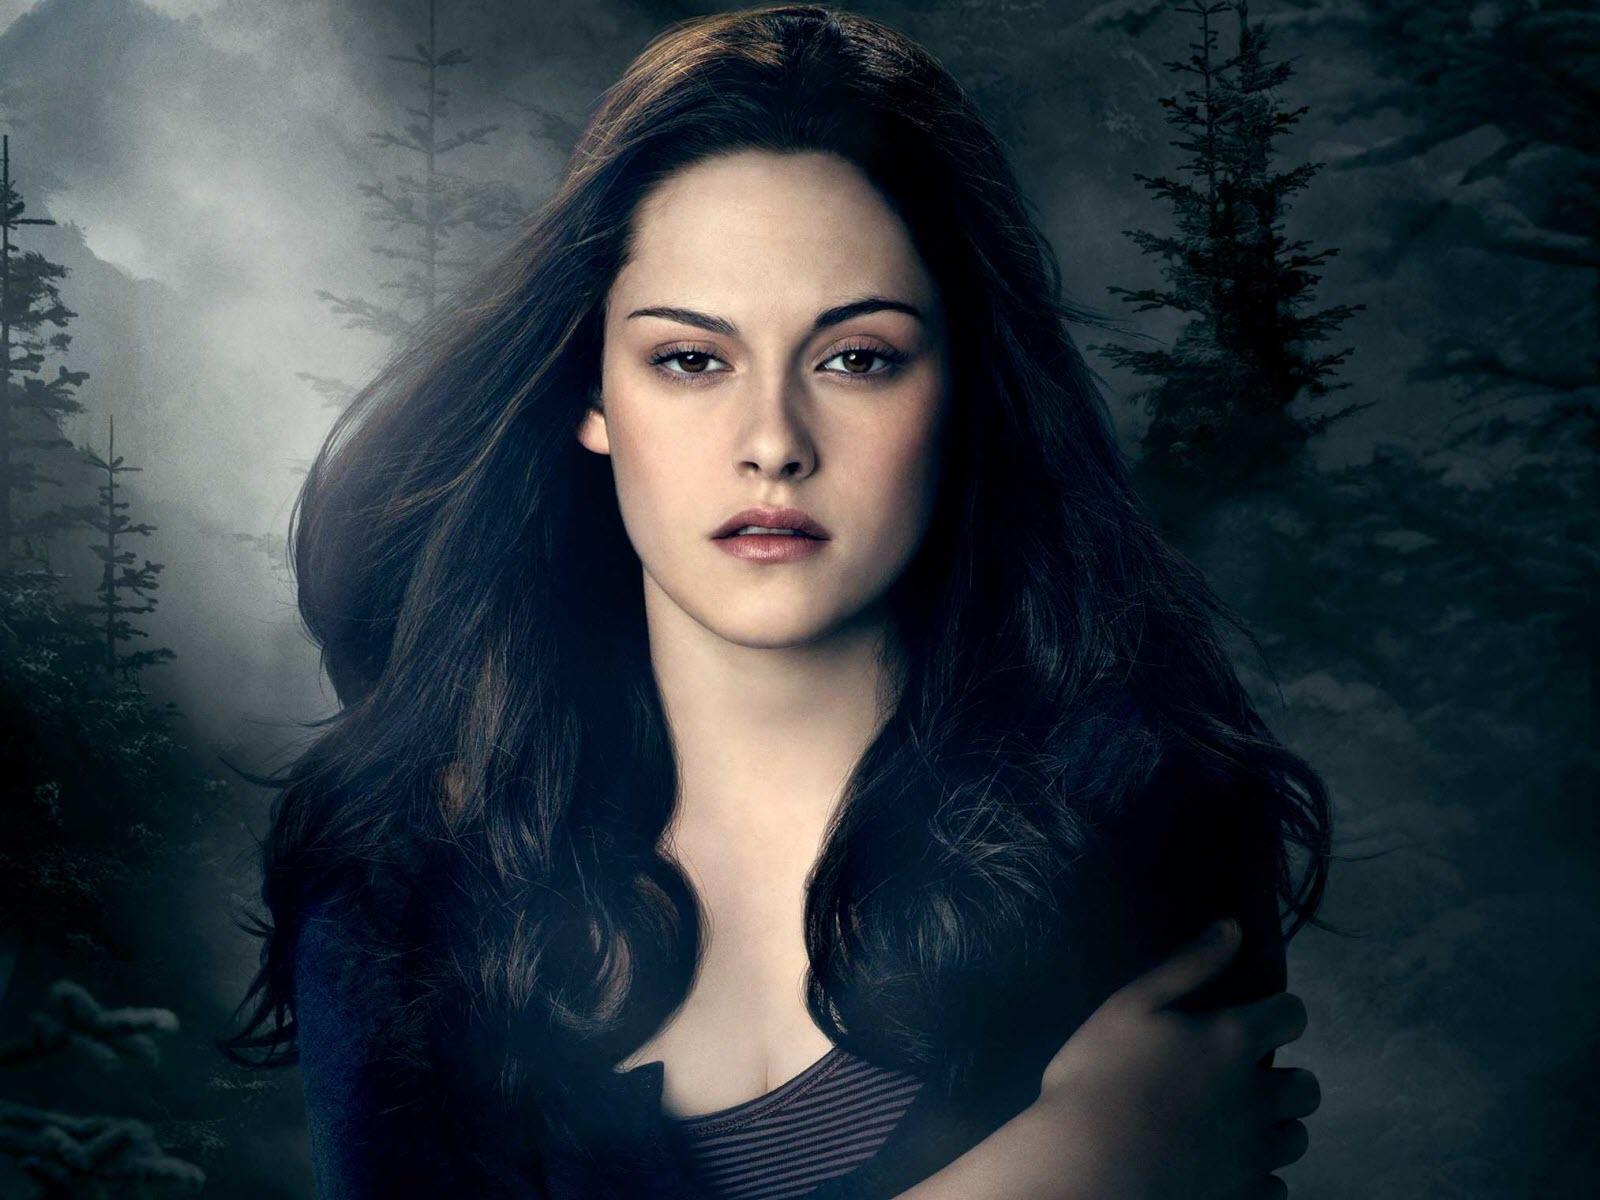 Kristen Stewart in Twilight Saga Eclipse wallpaper